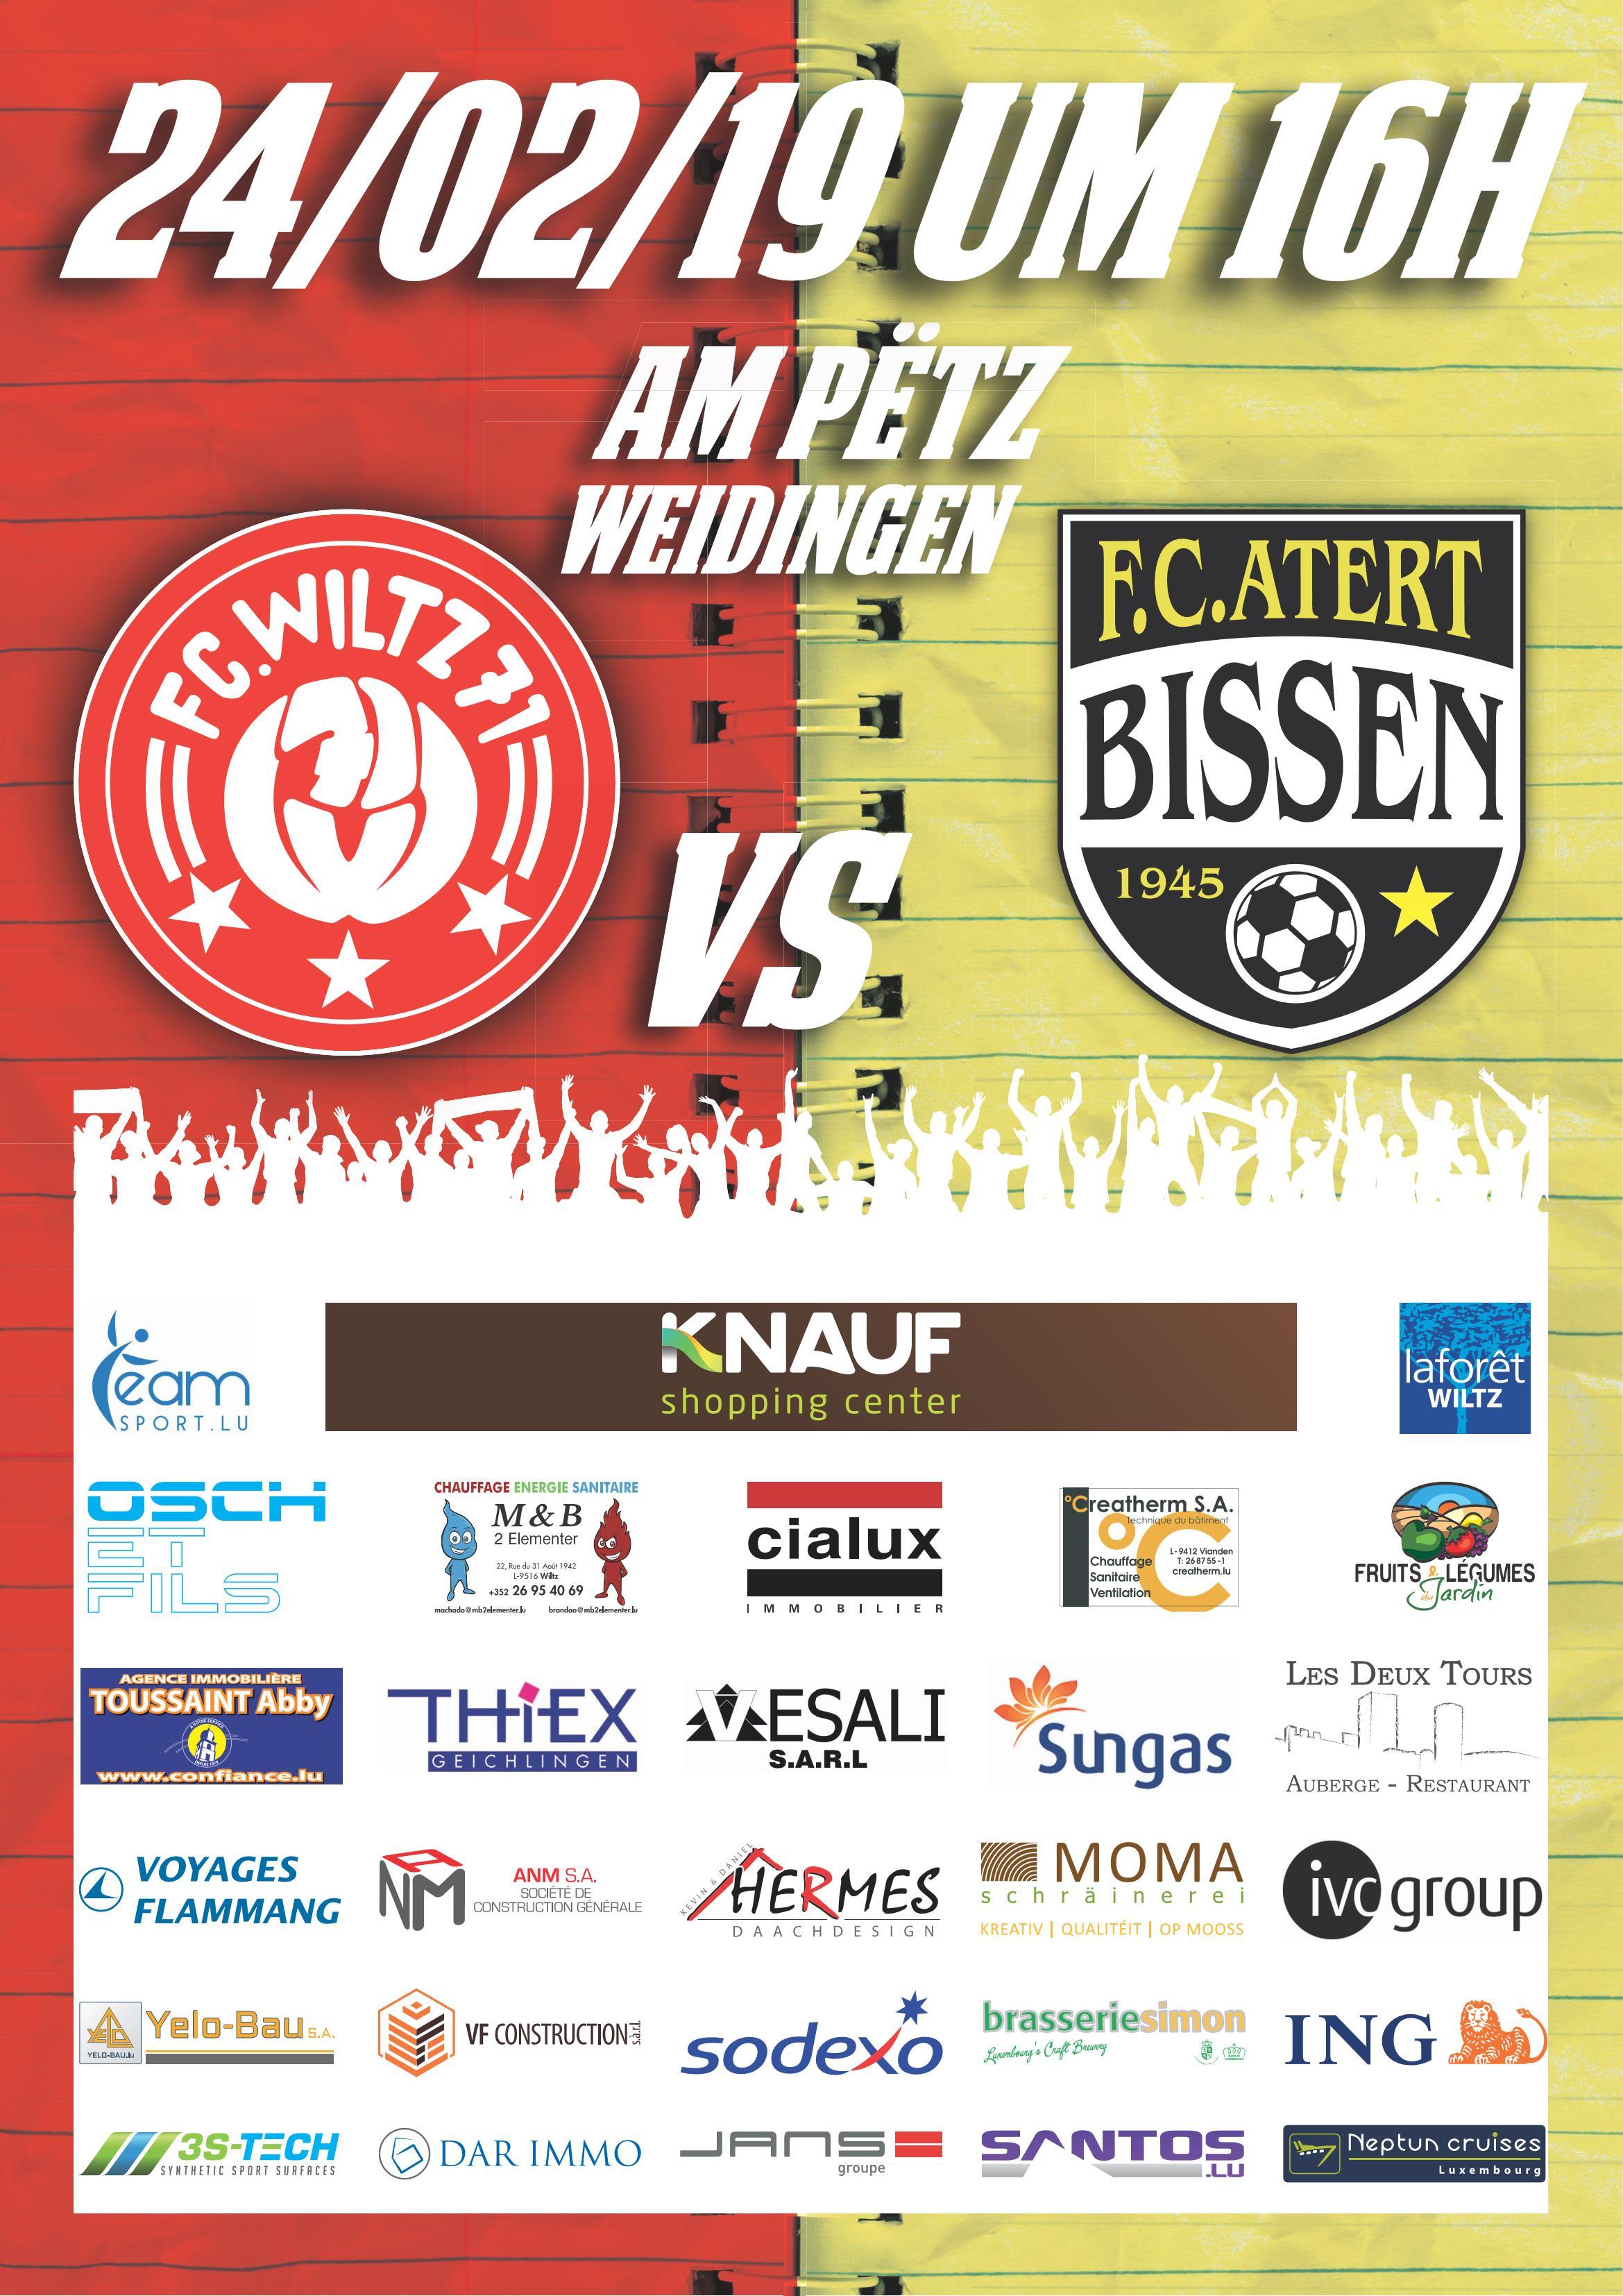 FC. Wooltz 71 vs F.C. Atert Bissen